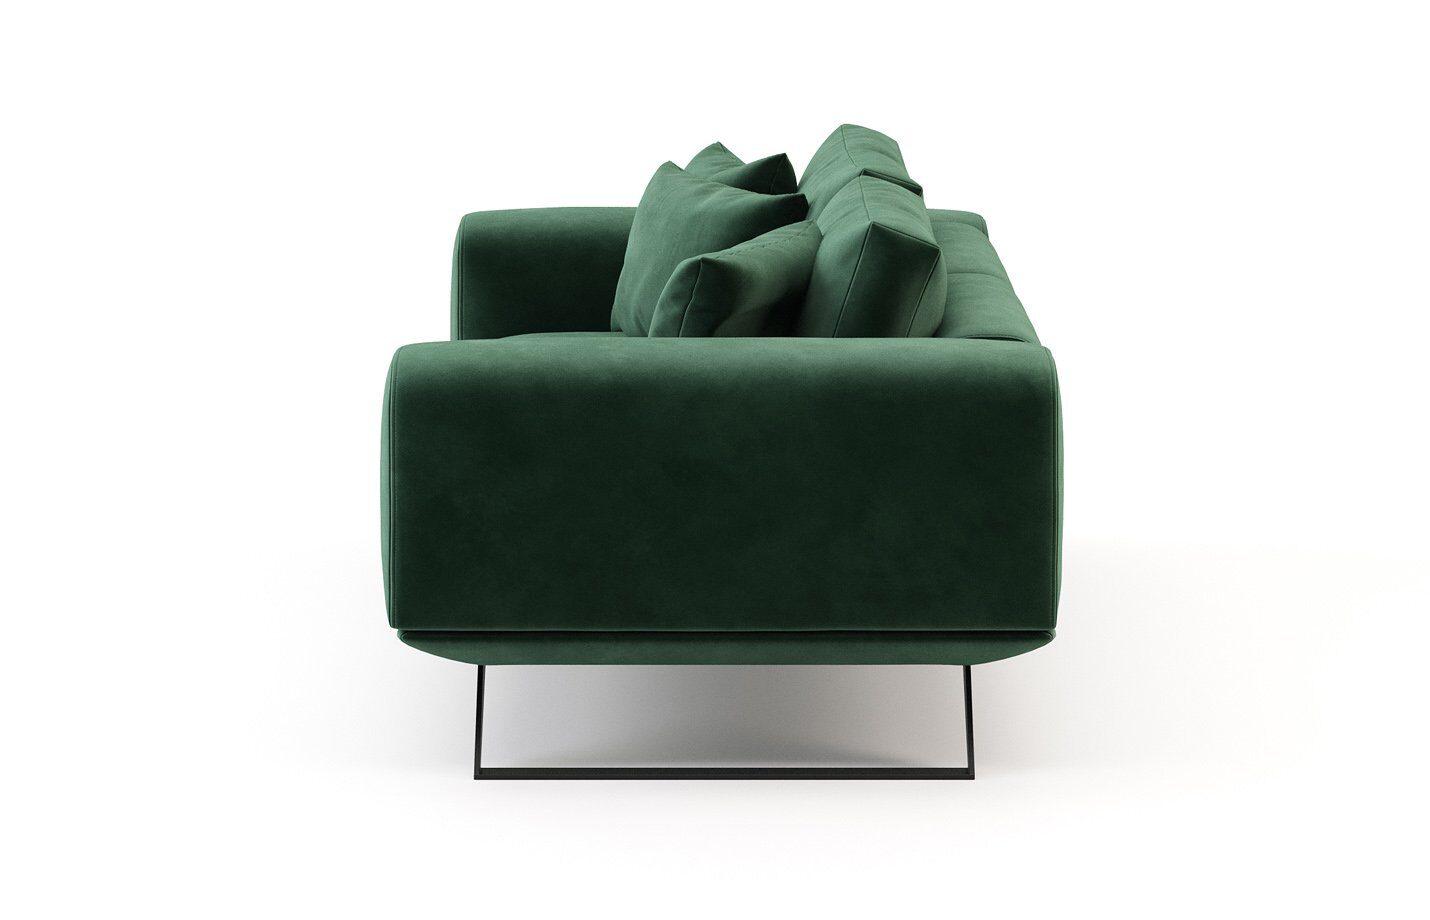 Florence-Sofa-by-fabiia-furniture-signature-3